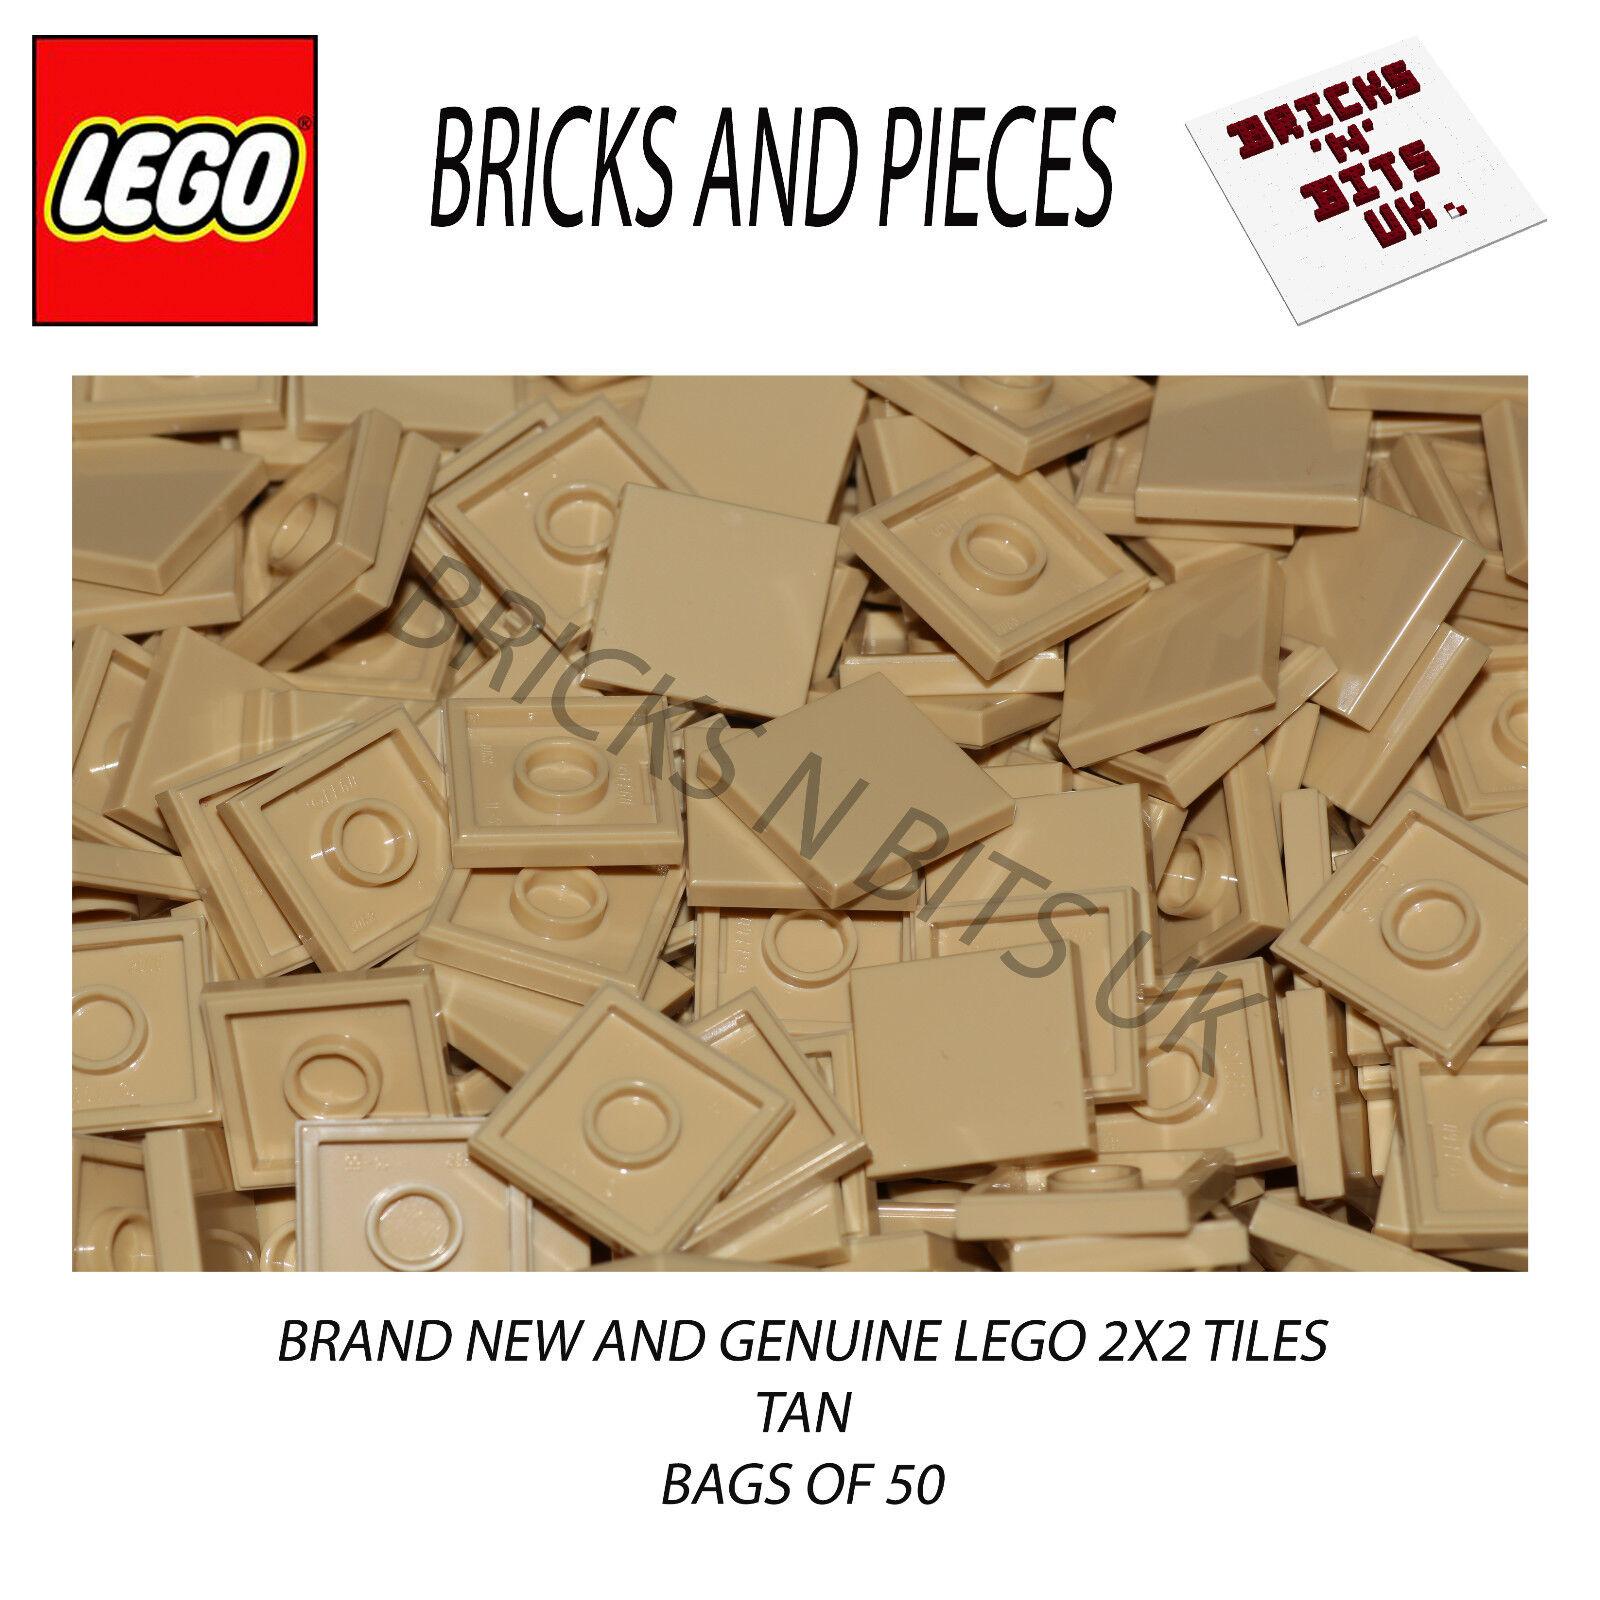 LEGO 2x2 TILE 3068 TAN sacco di 50, città, guerre stellari, creatore, eroi, gli amici